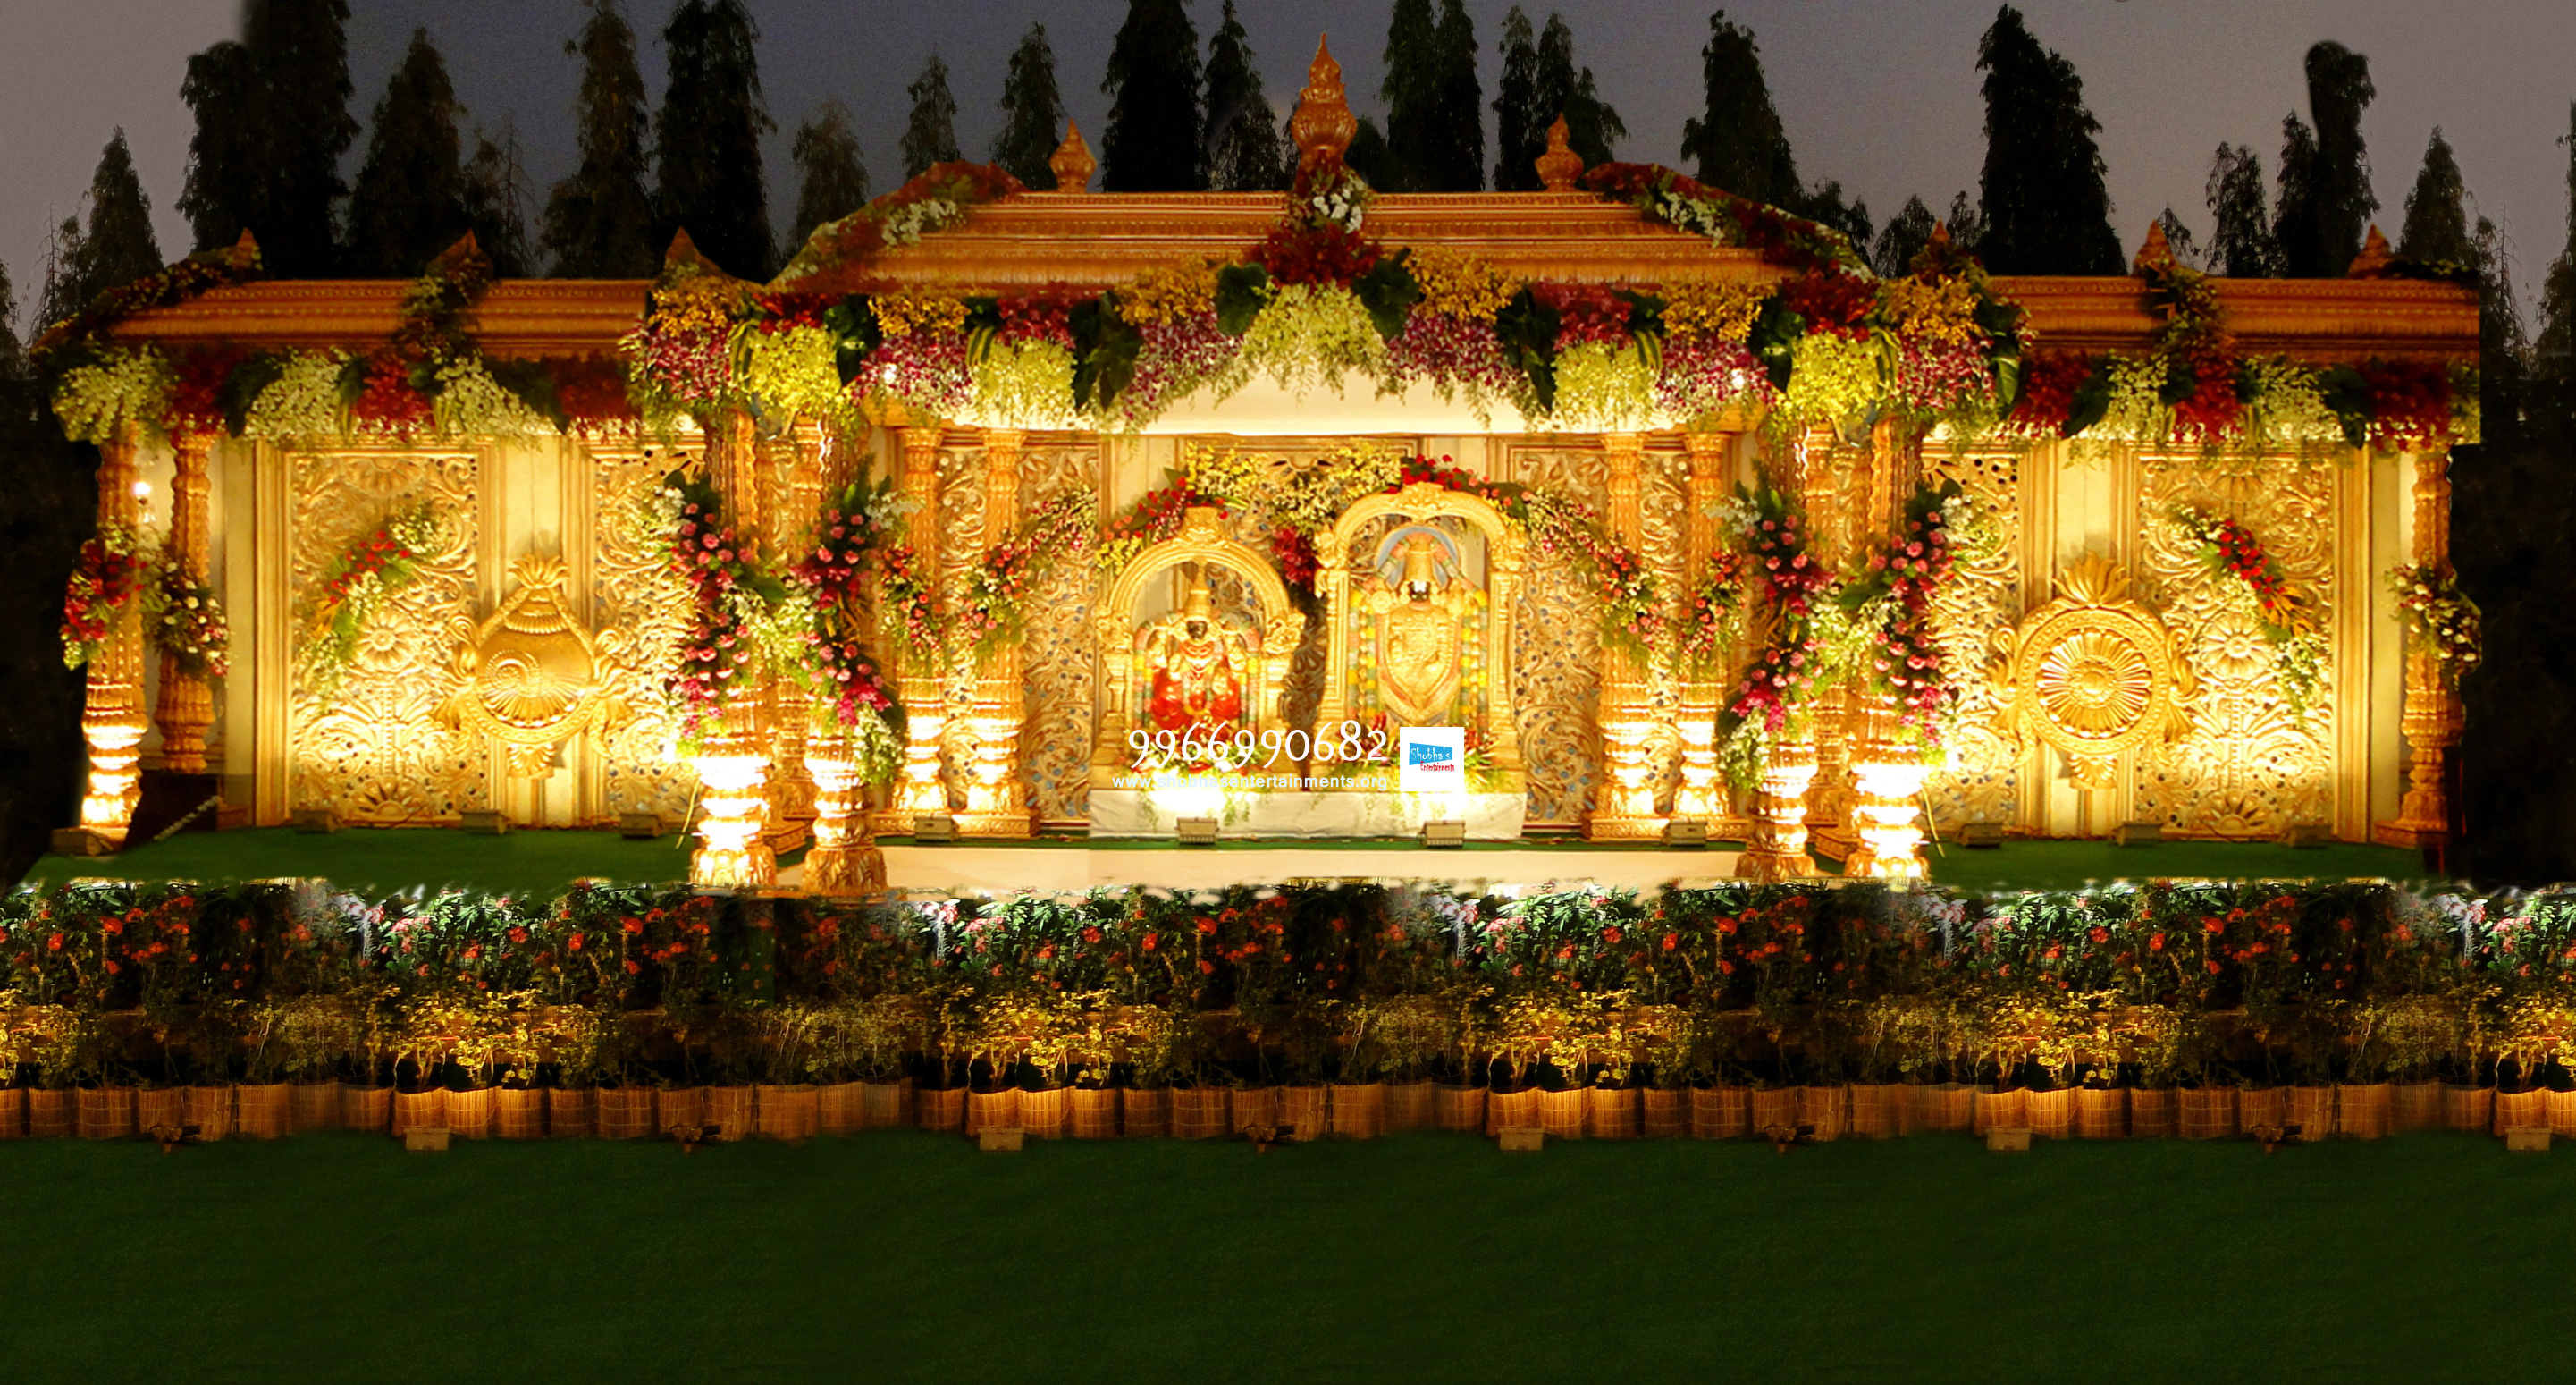 Western Wedding Stage Decoration Wedding Stage Stage For Wedding Jpg Wedding  Stage Decoration Download Cenypradufo Image